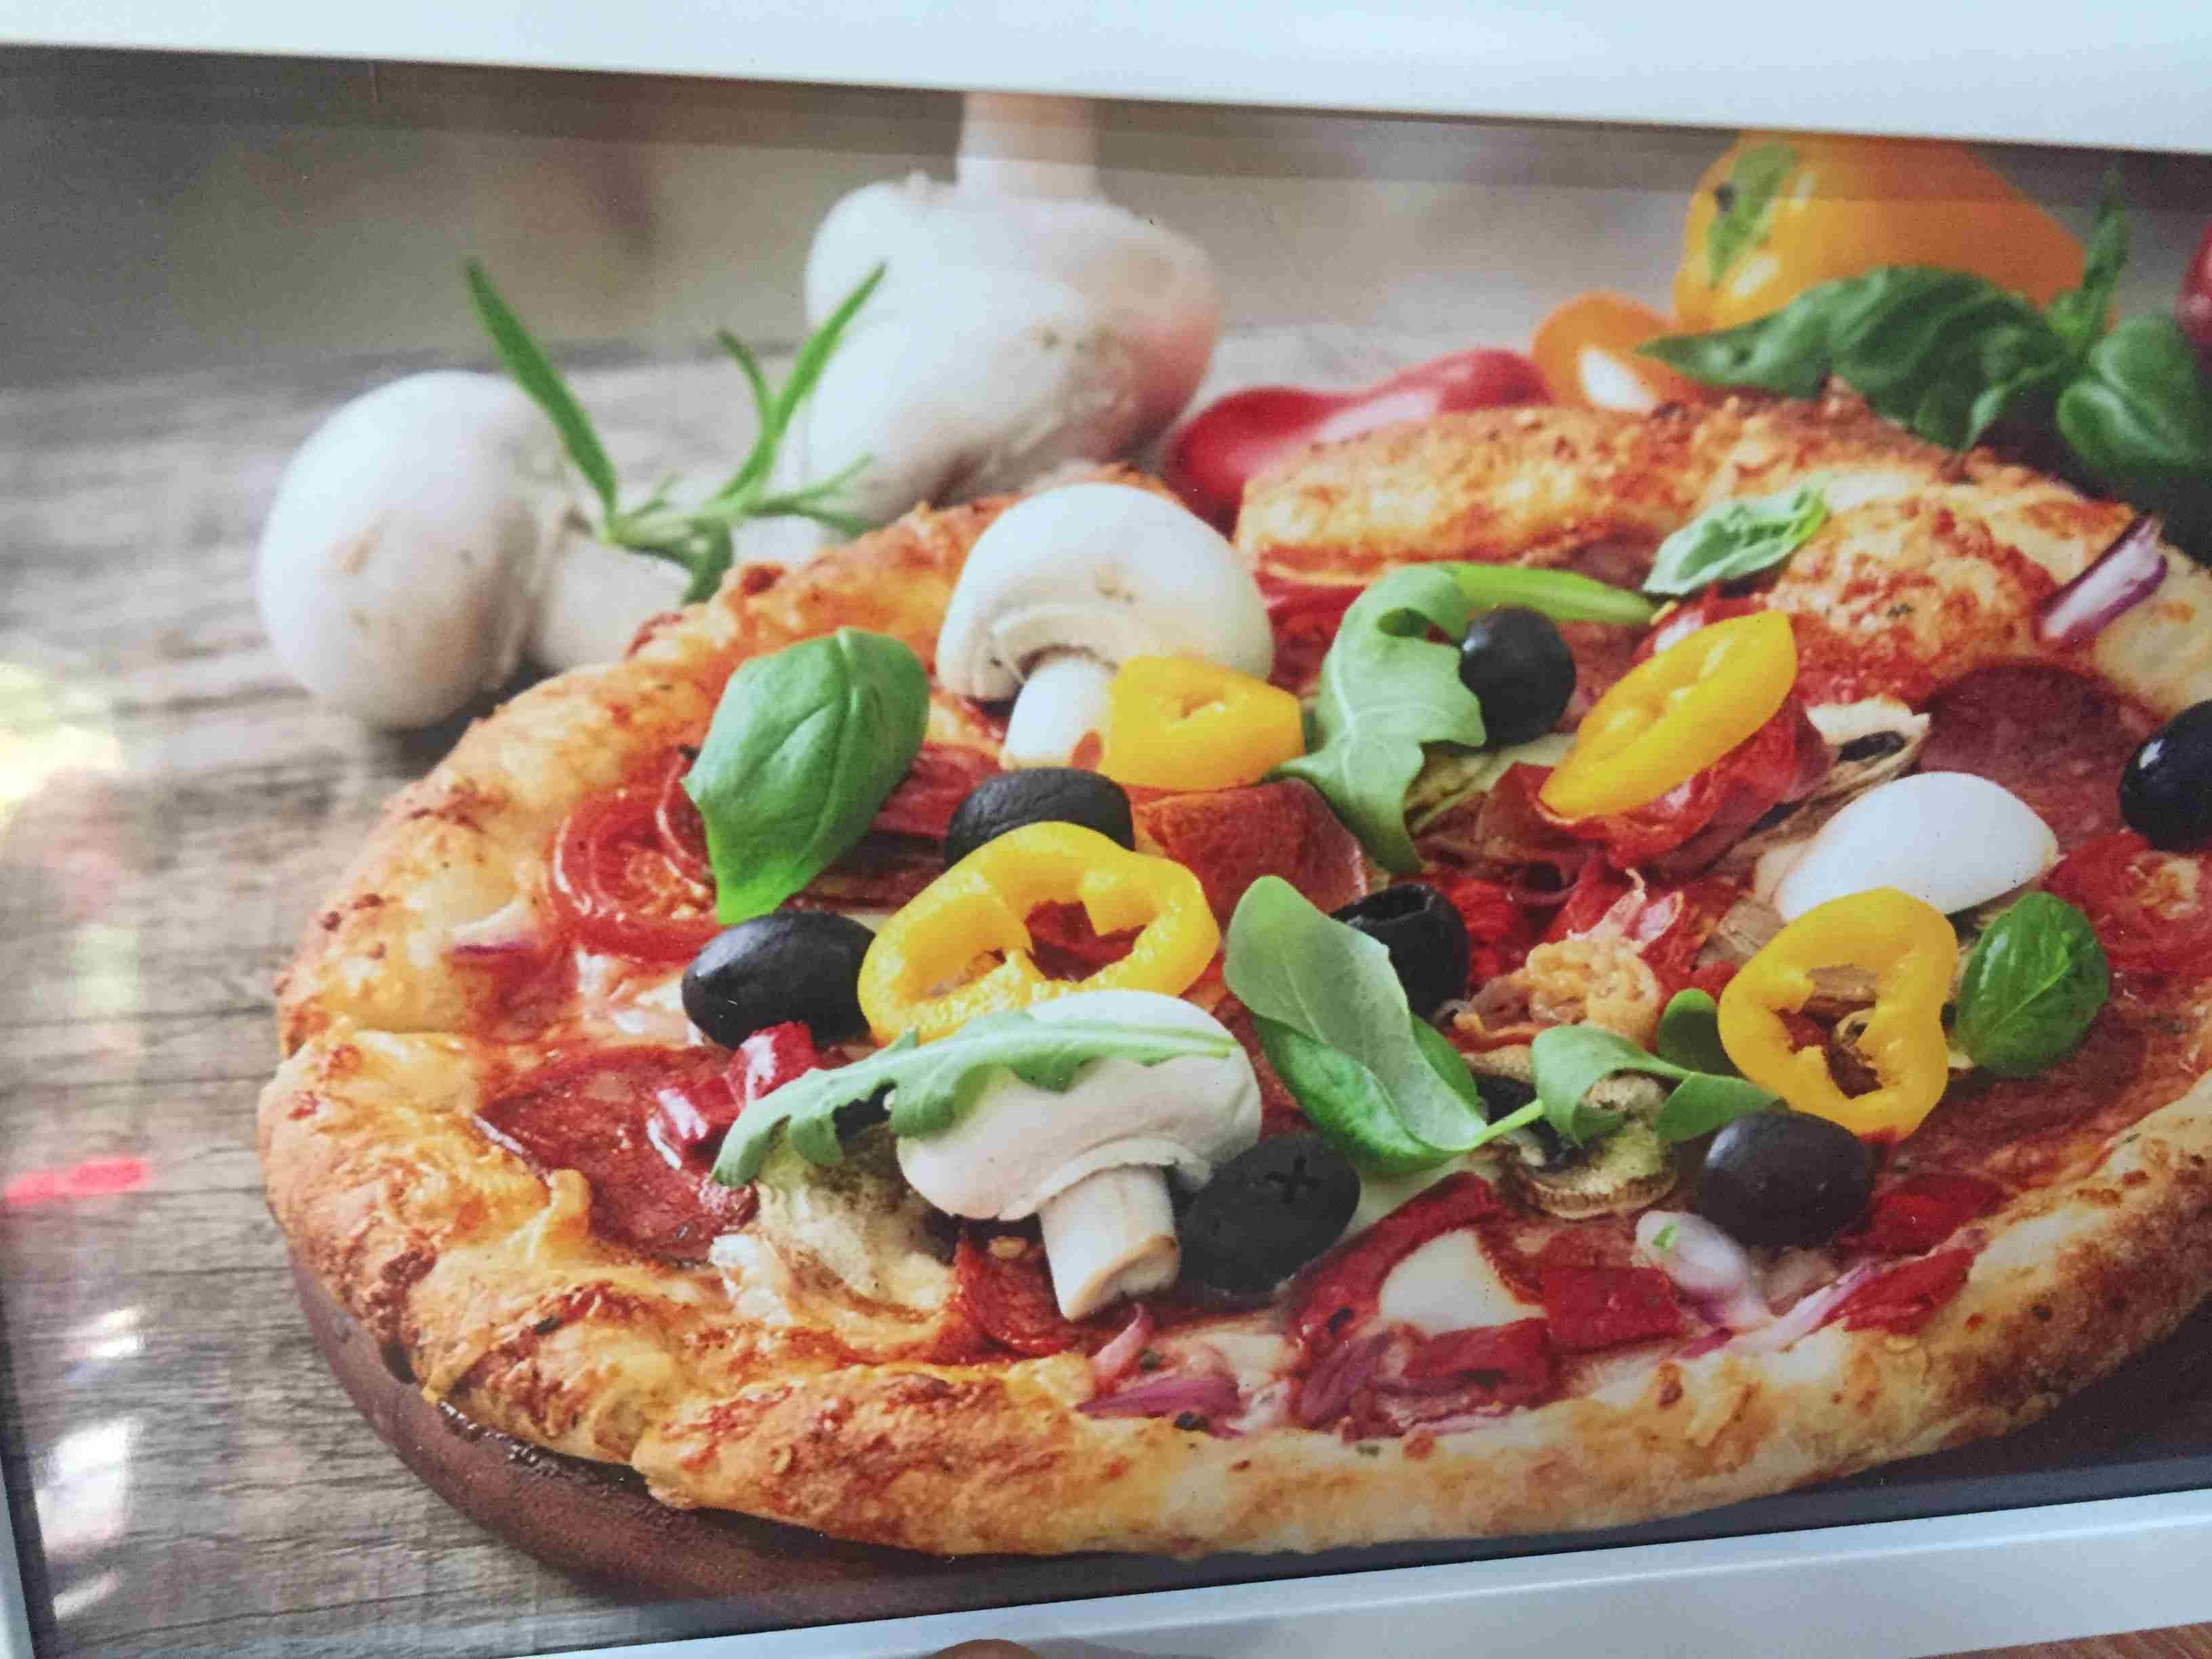 街角披萨的加盟值得么?发展潜力不错